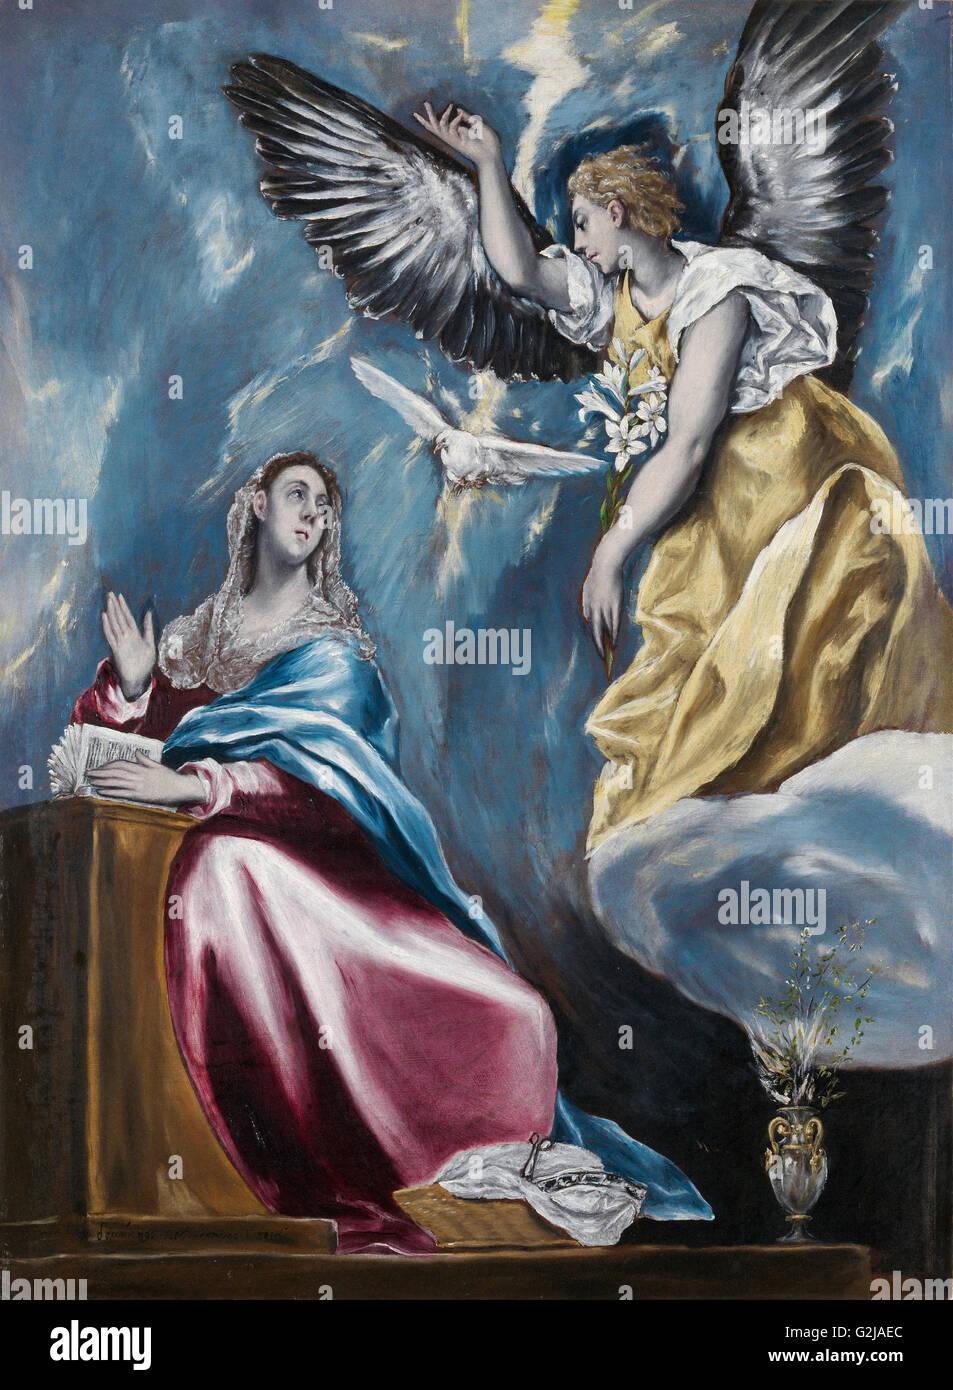 El Greco - Verkündigung - Museum of Fine Arts, Budapest Stockbild